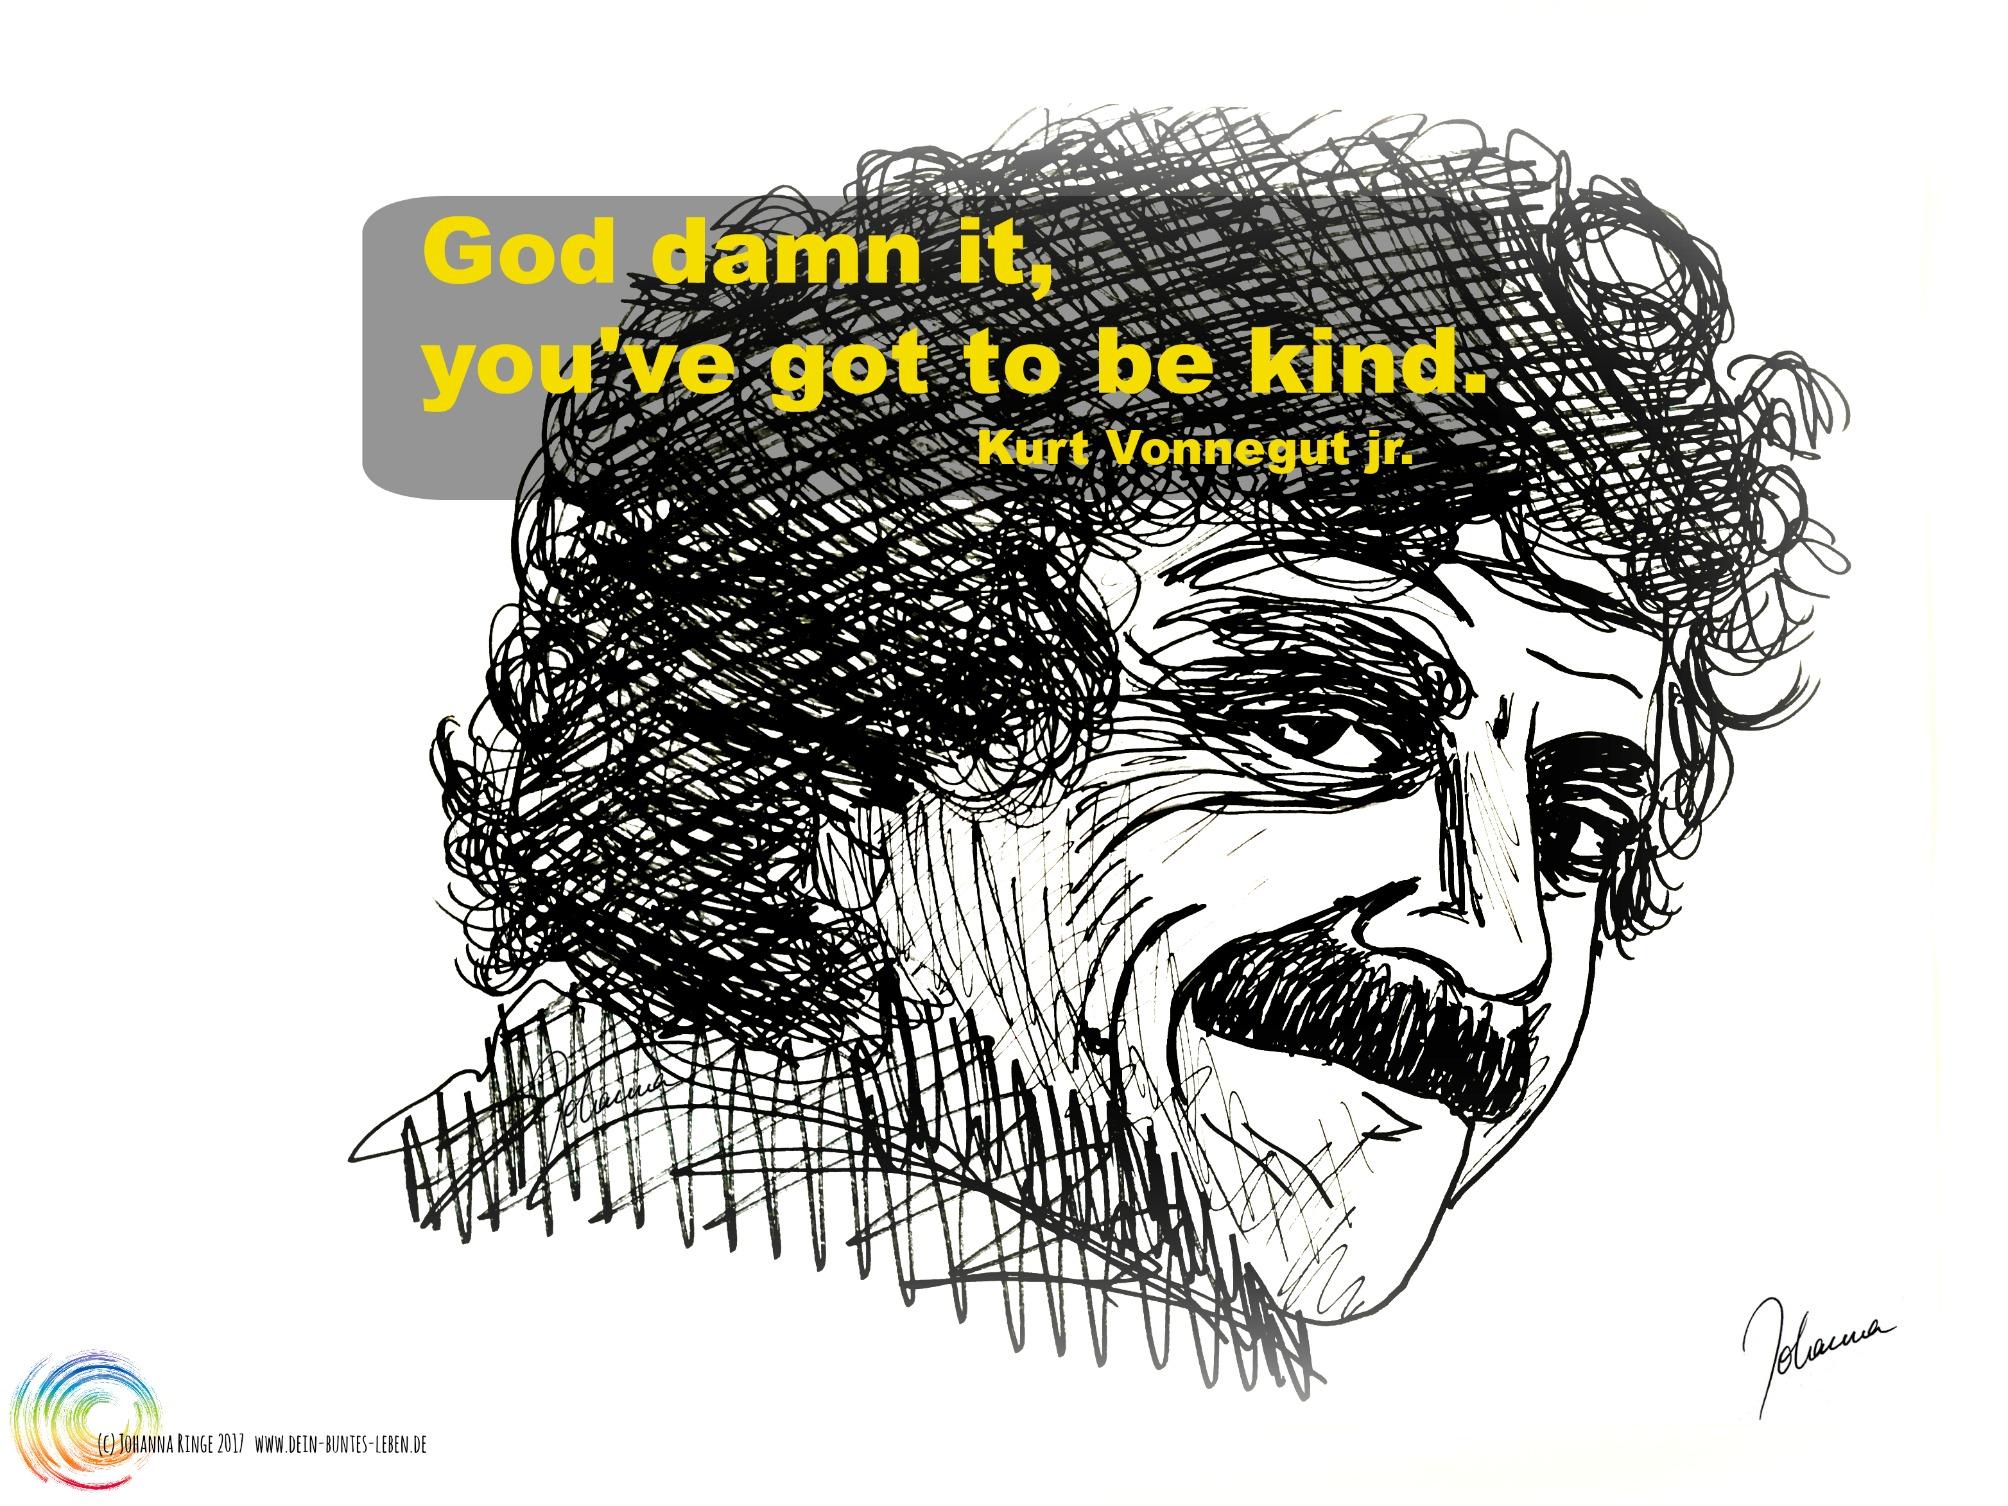 God damn it, you've got to be kind. Text auf von Johanna Ringe gezeichnetem Porträt von Kurt Vonnegut jr. (c)2017 Johanna Ringe www.dein-buntes-leben.de